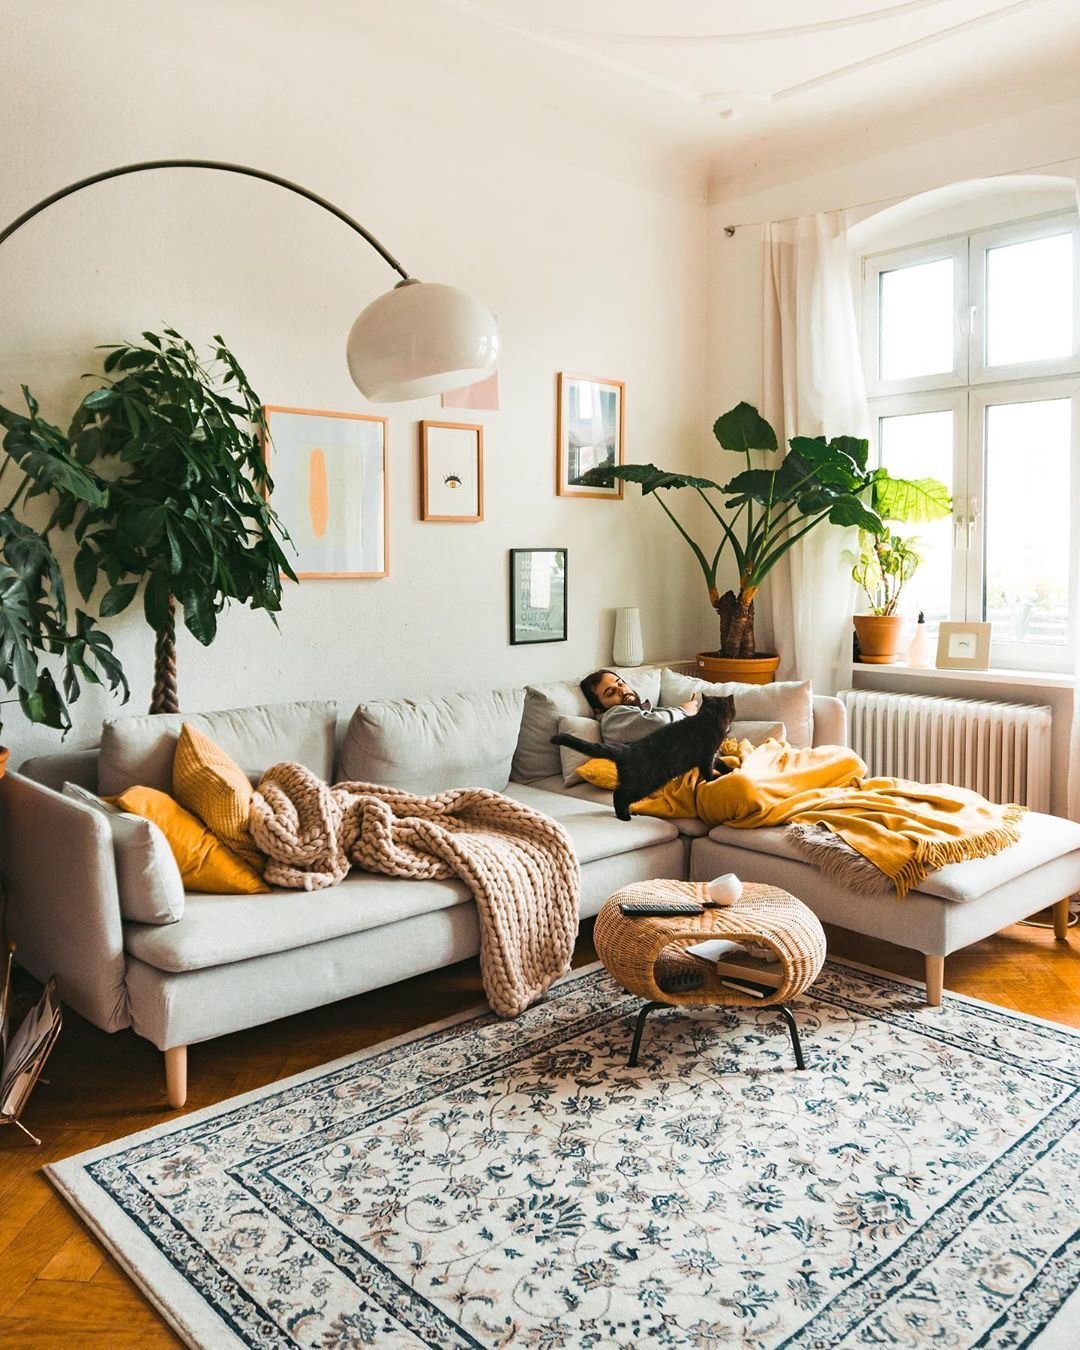 20 Best Living Room Decoration Ideas homedecor livingroomdecor ...